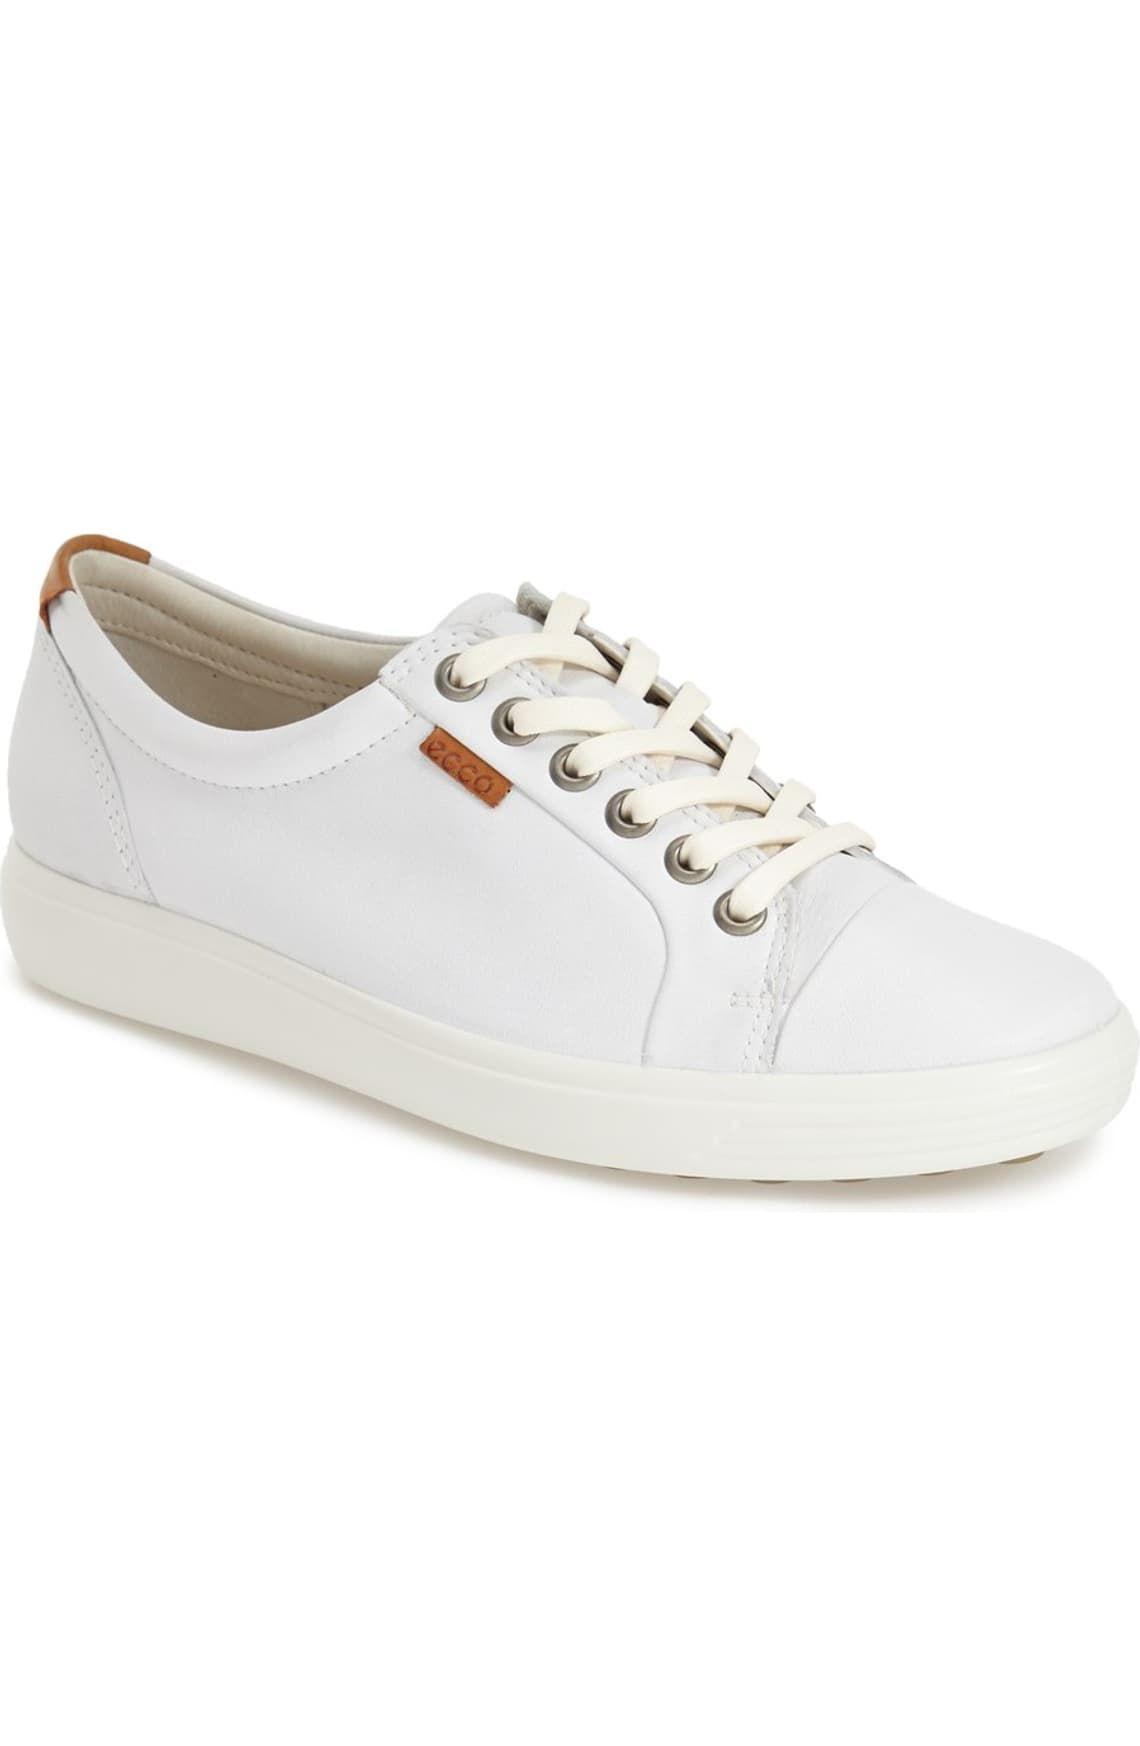 ECCO Soft 7 Sneaker (Women) | Nordstrom | Womens sneakers